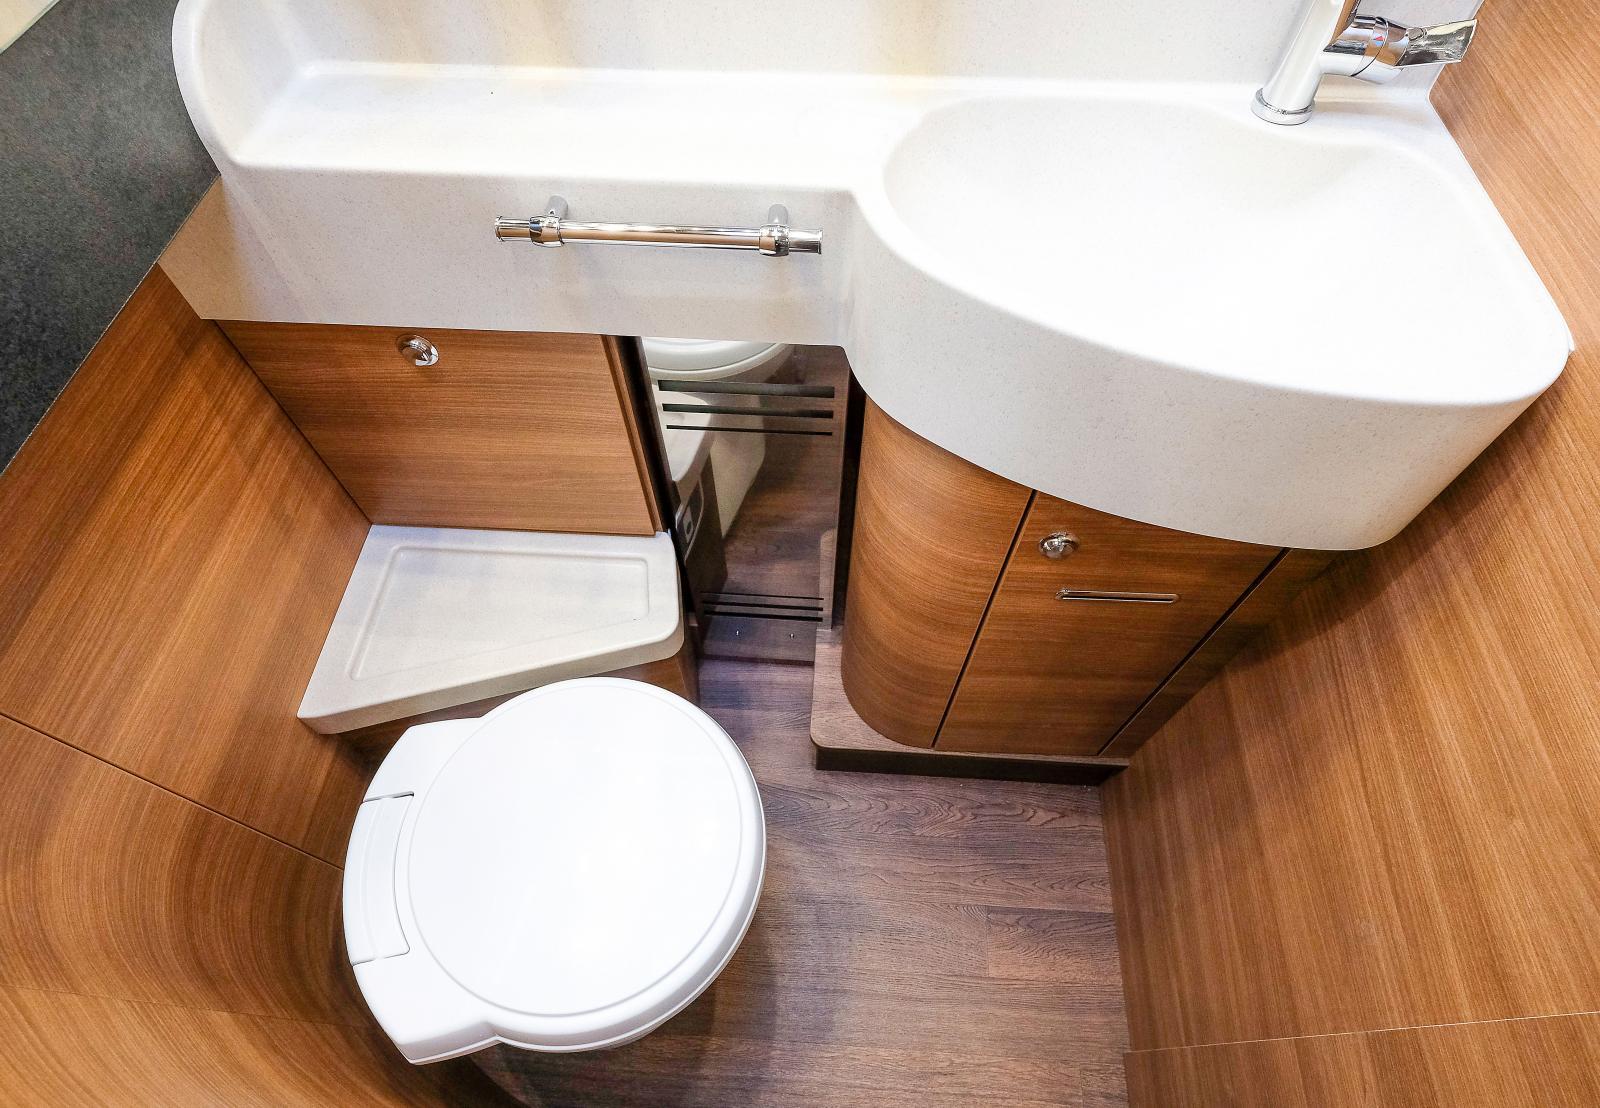 Det här är riktigt snyggt och stilrent. Vridbar toalett givetvis och en stor bänk med handfat och handdukshållare.